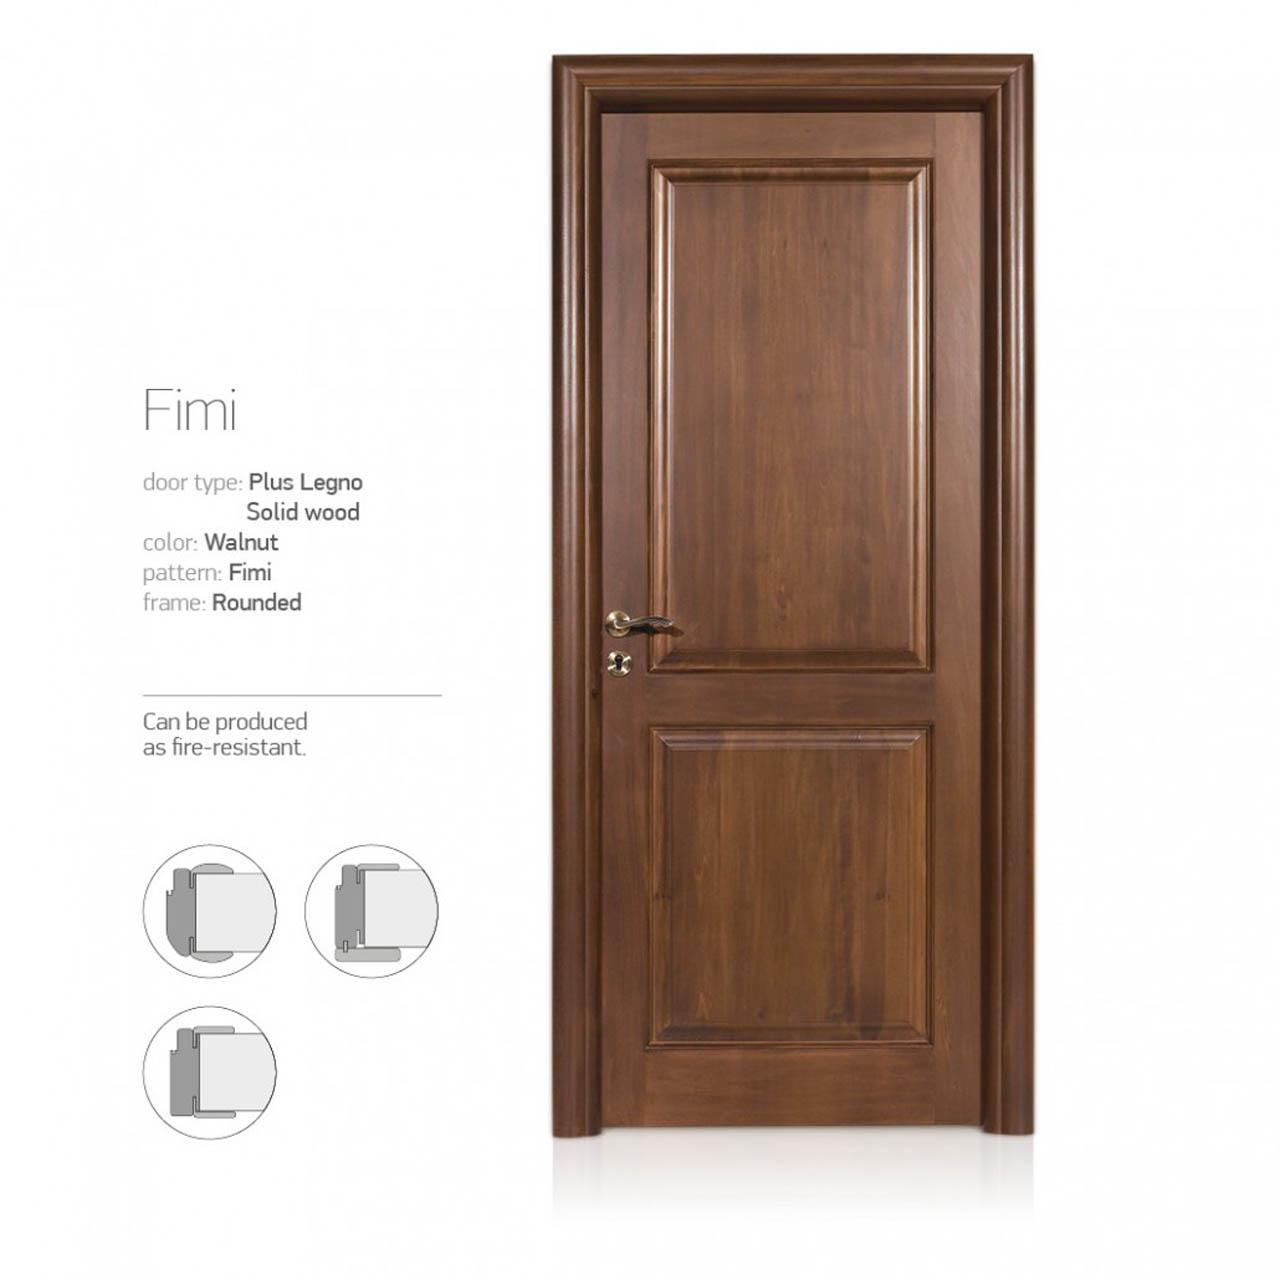 portes-site-plus_legno-eng-1030x1030